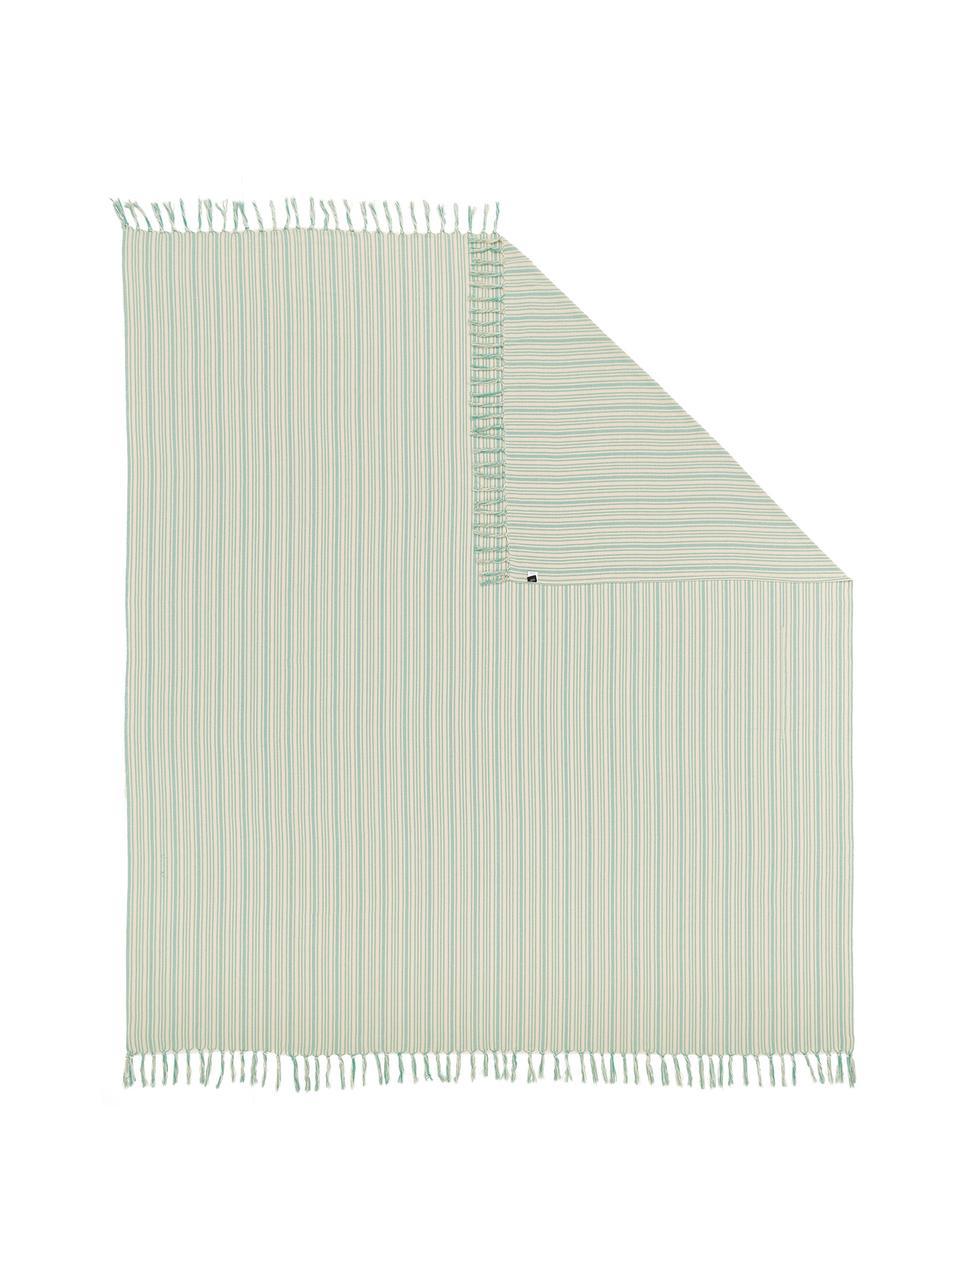 Narzuta z frędzlami Puket, 100% bawełna, Turkusowy, złamana biel, S 240 x D 260 cm (na łóżka do 160 x 200)